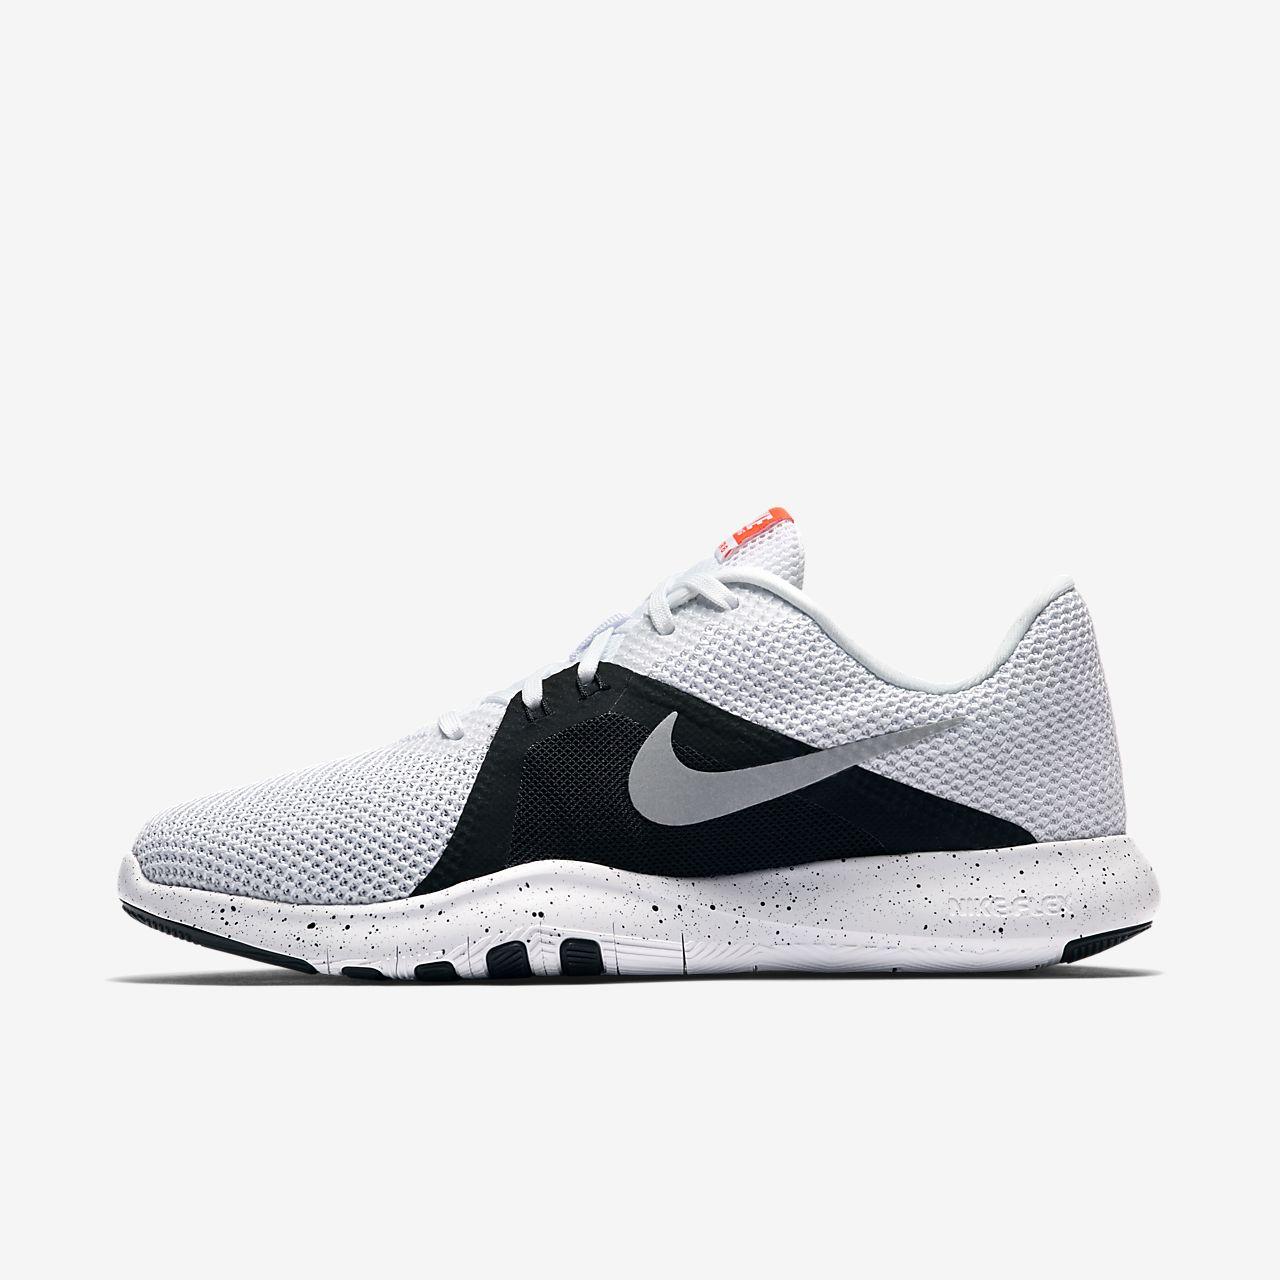 Nike Free Run 4 Des Femmes De Commentaires Sur Les Natures, Plus Dh